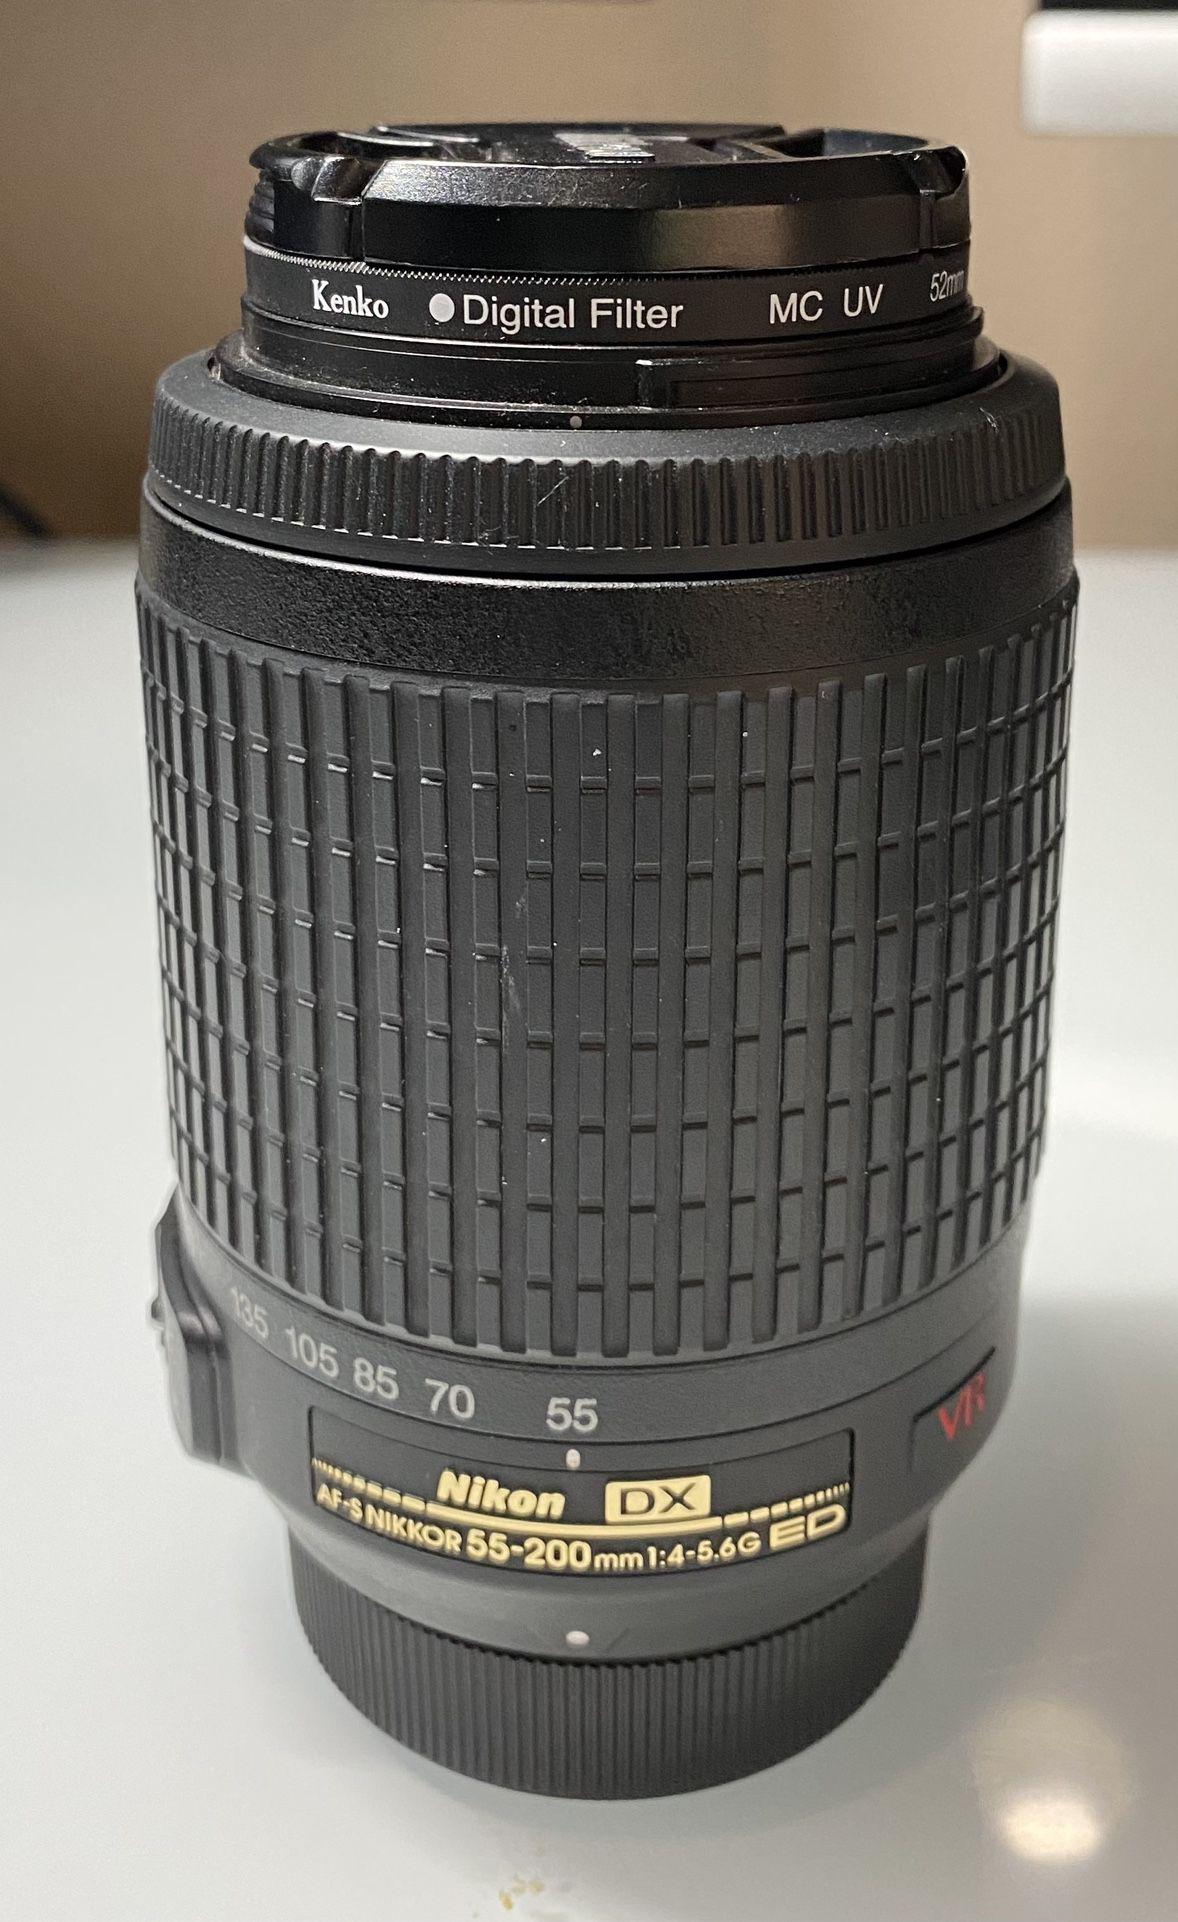 Nikon D90 DSLR Camera with 2 lenses